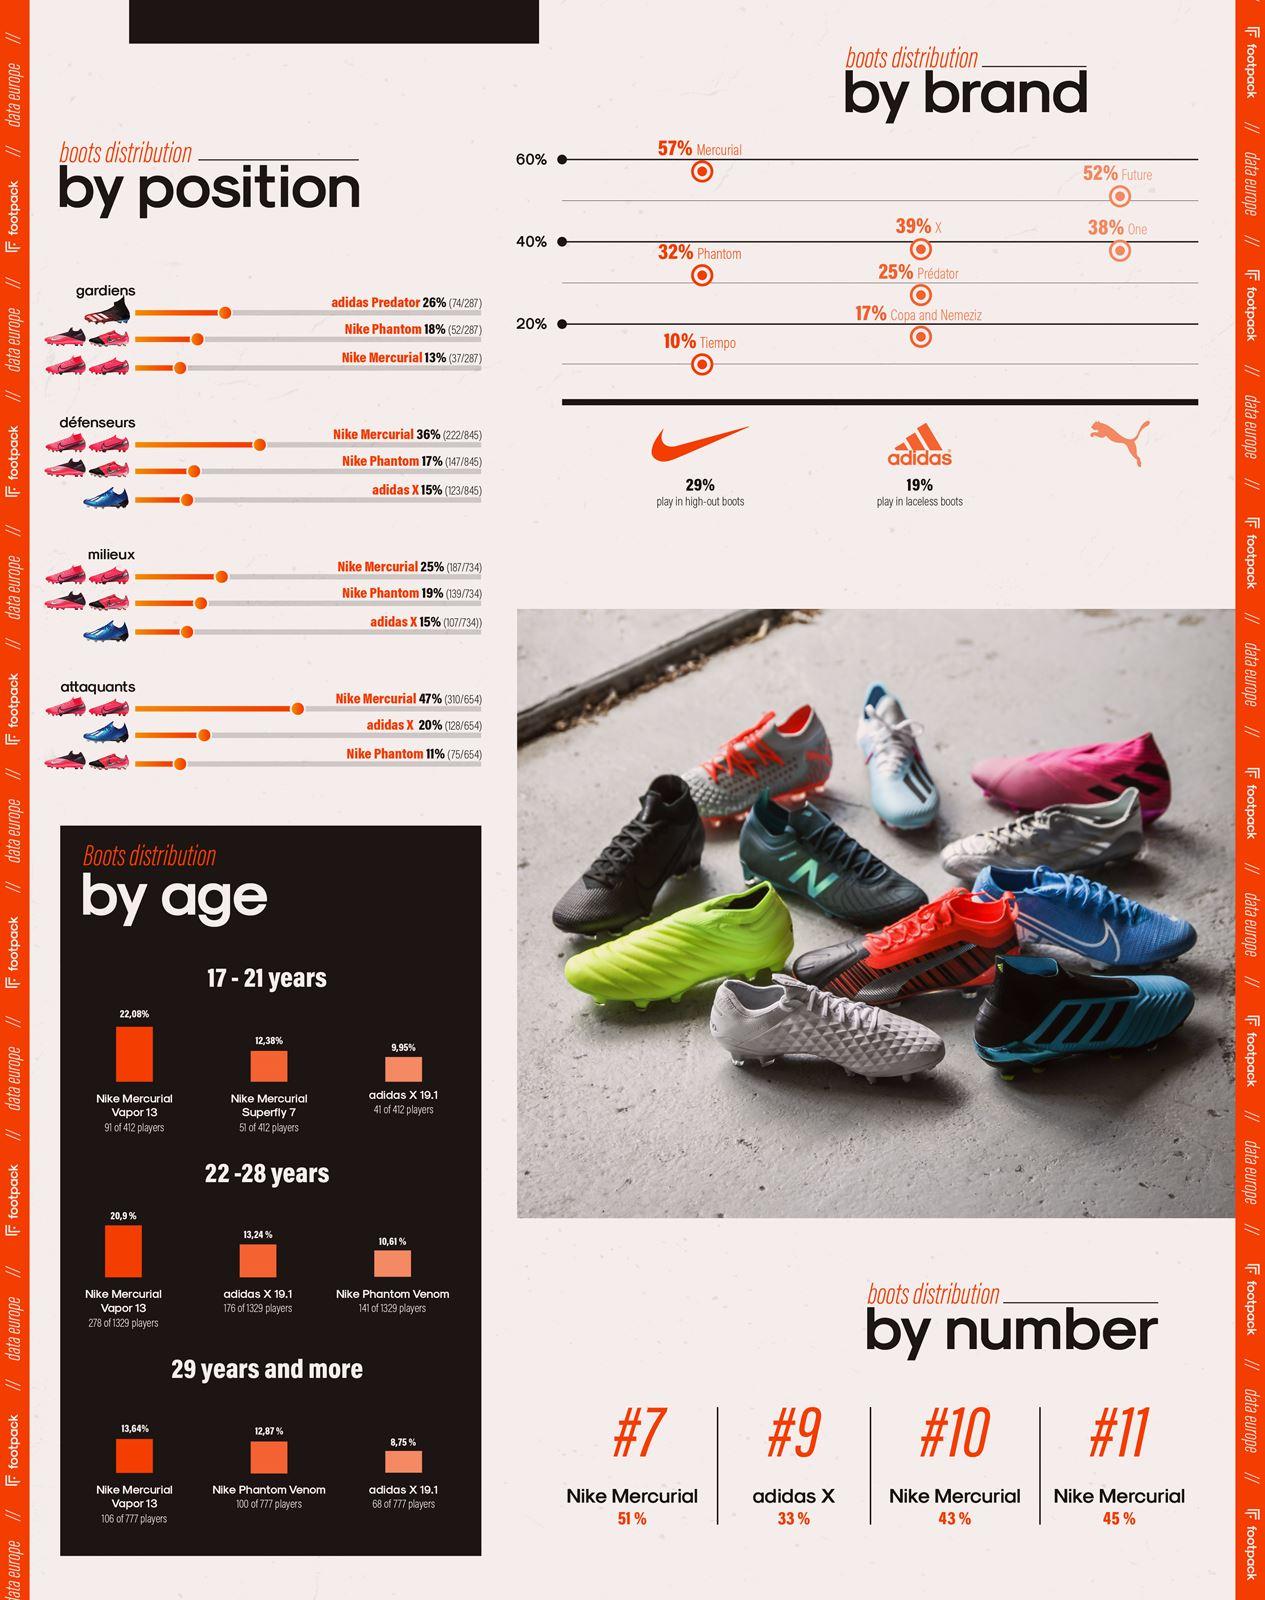 Botas de fútbol de Estudio de Nike de Marca Más Popular en Europa En el Top 5 Ligas